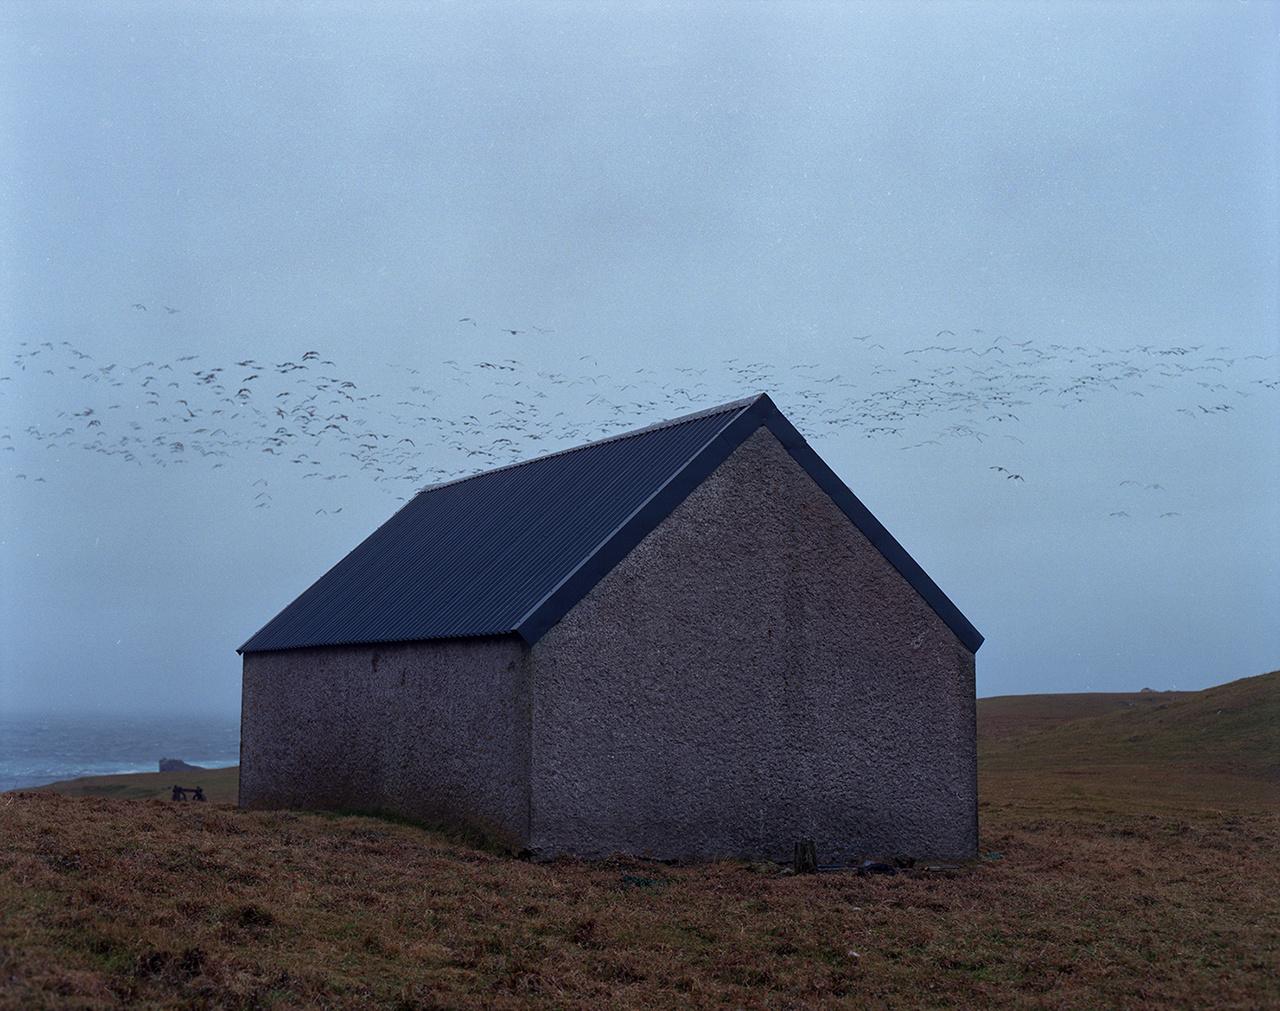 A fotókat nézve olykor az az érzésünk lehet, hogy a Fair-szigeten megállt az idő, pedig a folytonos innováció terepe is. Különleges földrajzi helyzete miatt mindig is kapocs volt a szárazföld és Shetland között, ezért telepítettek ide rádiójeladókat, majd a második világháborúban radarállomást is.